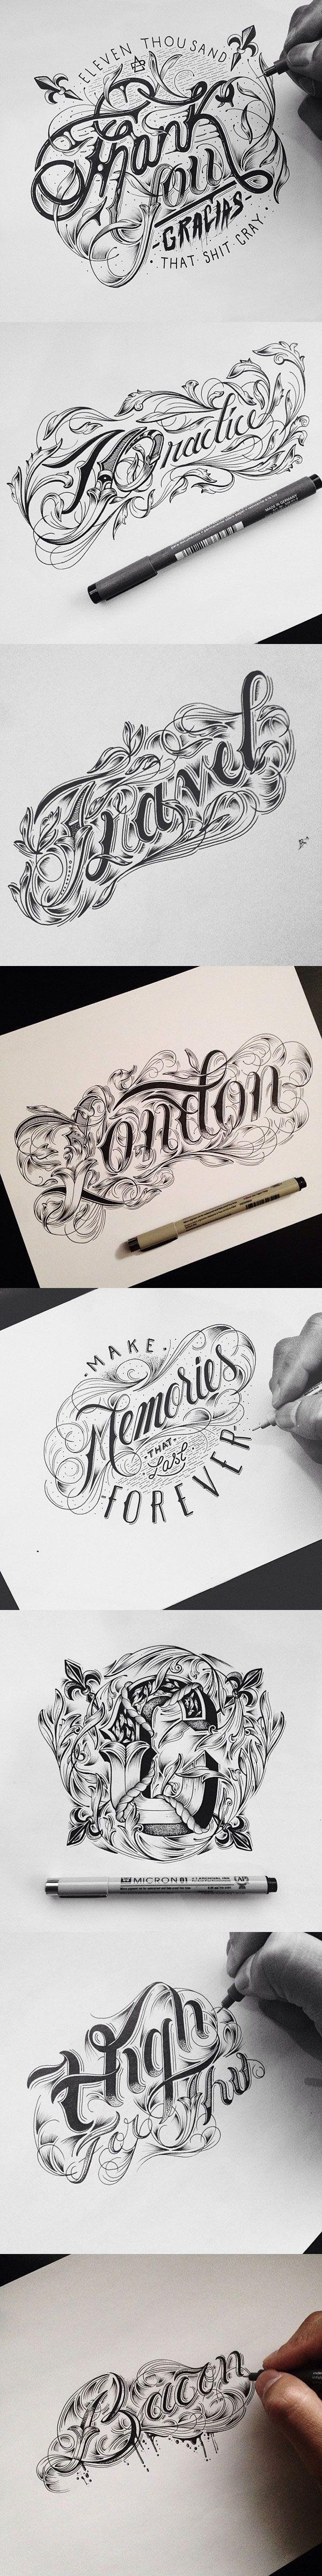 Les typographies de Raul Alejandro, pas grand chose à dire si ce n'est que c'est juste une tueur